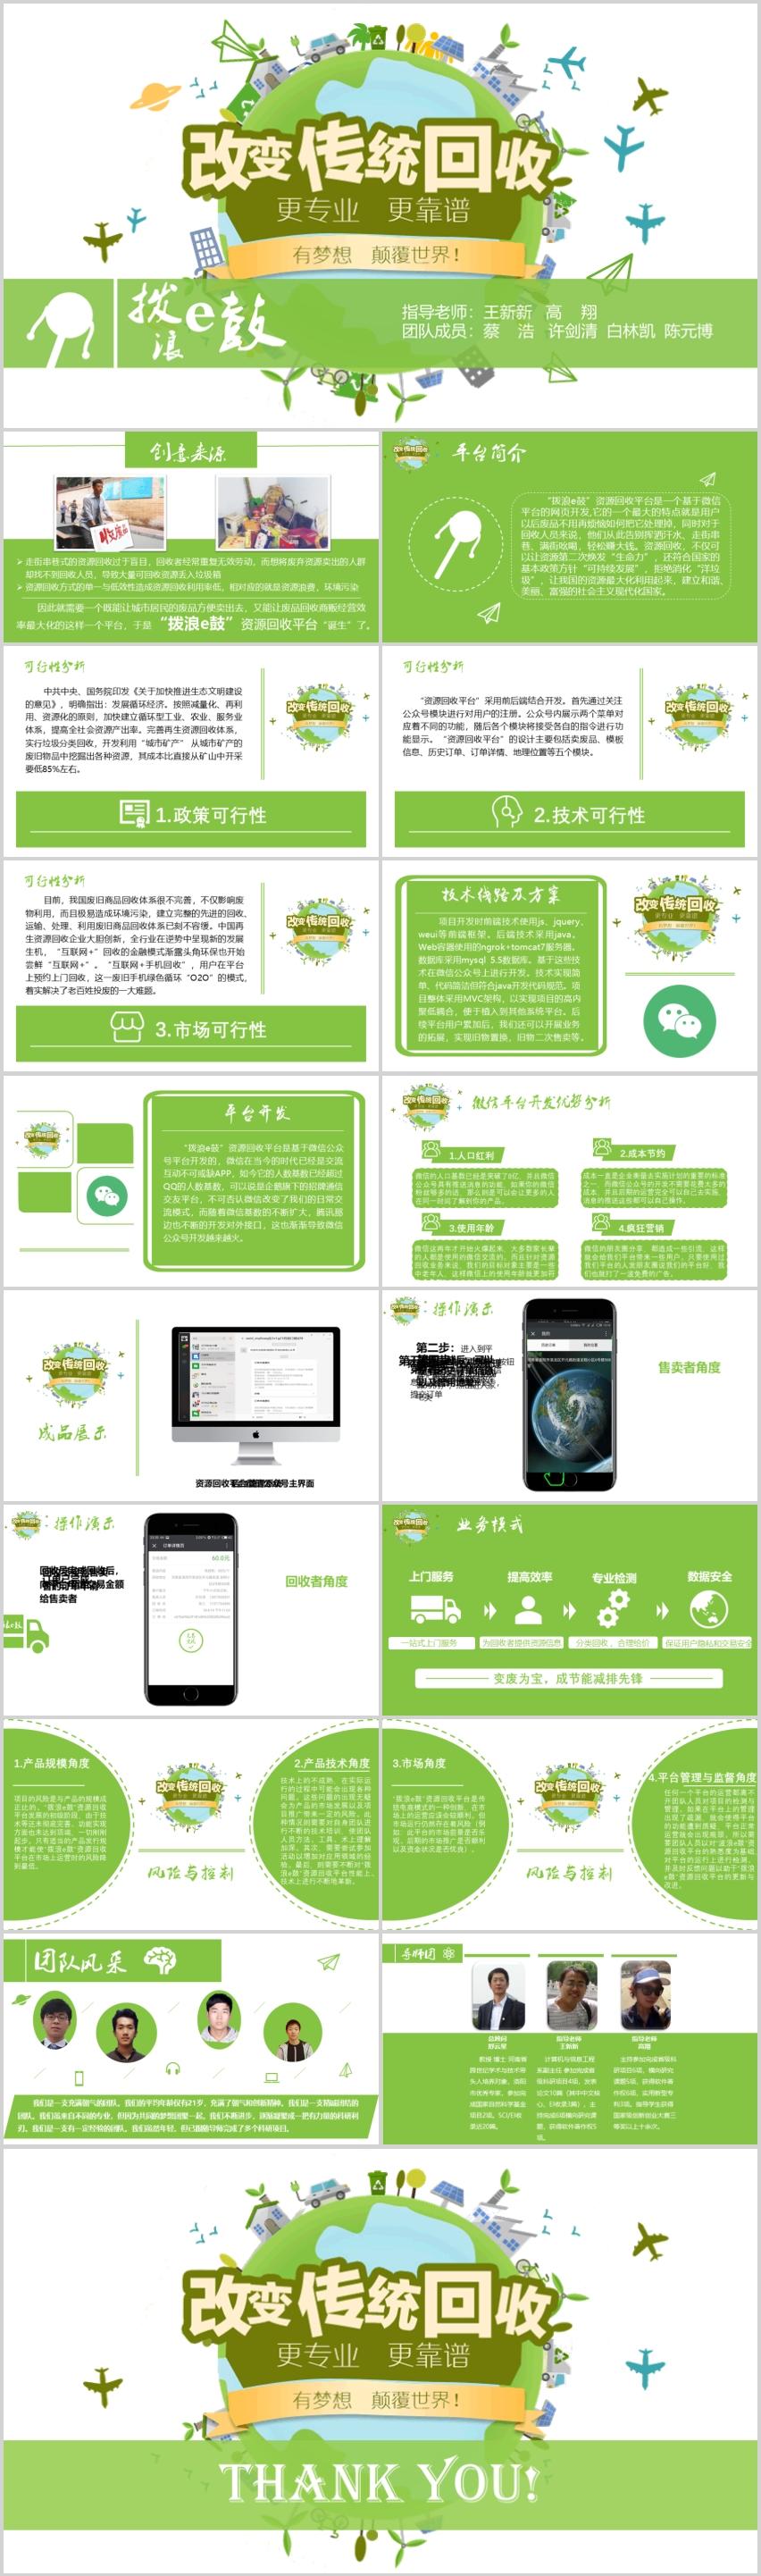 绿色环保回收行业O2O平台PPT作品免费下载–演界网